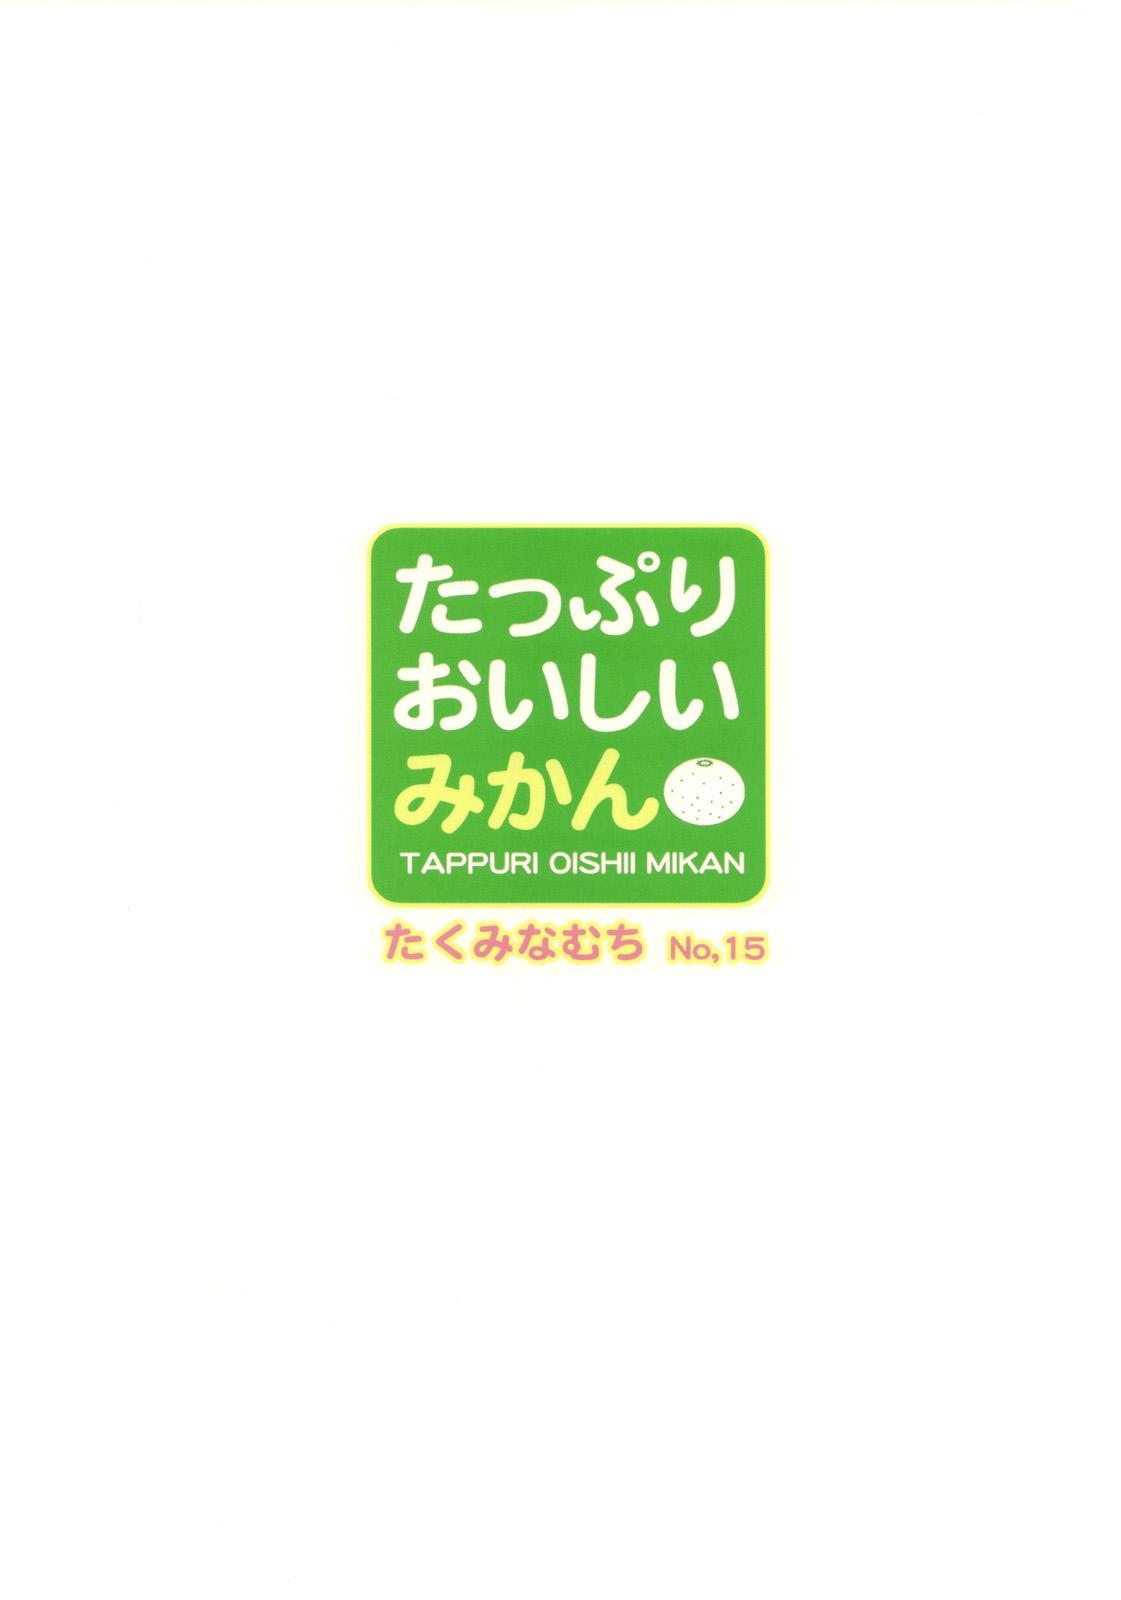 Tappuri Oishii Mikan 49